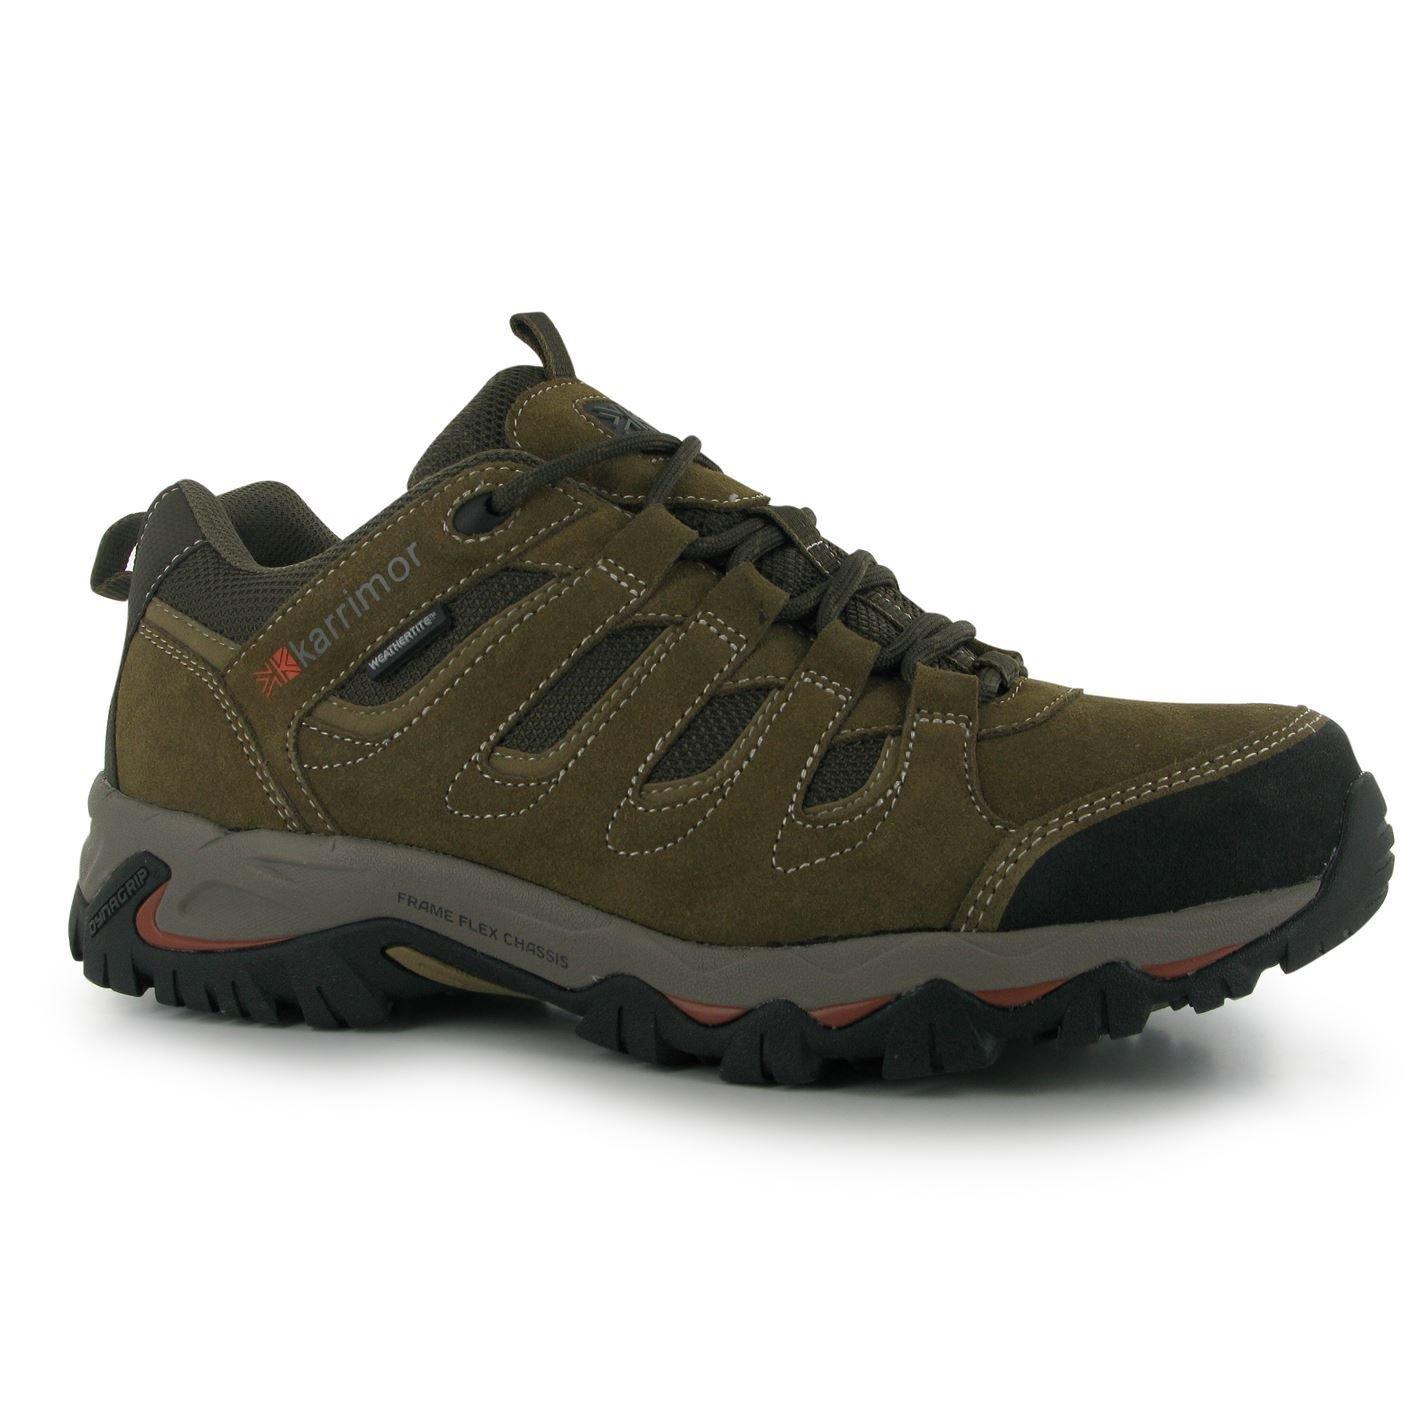 Karrimor Herren Mount Weathertite Wanderschuhe Wasserdicht Trekking Schuhe